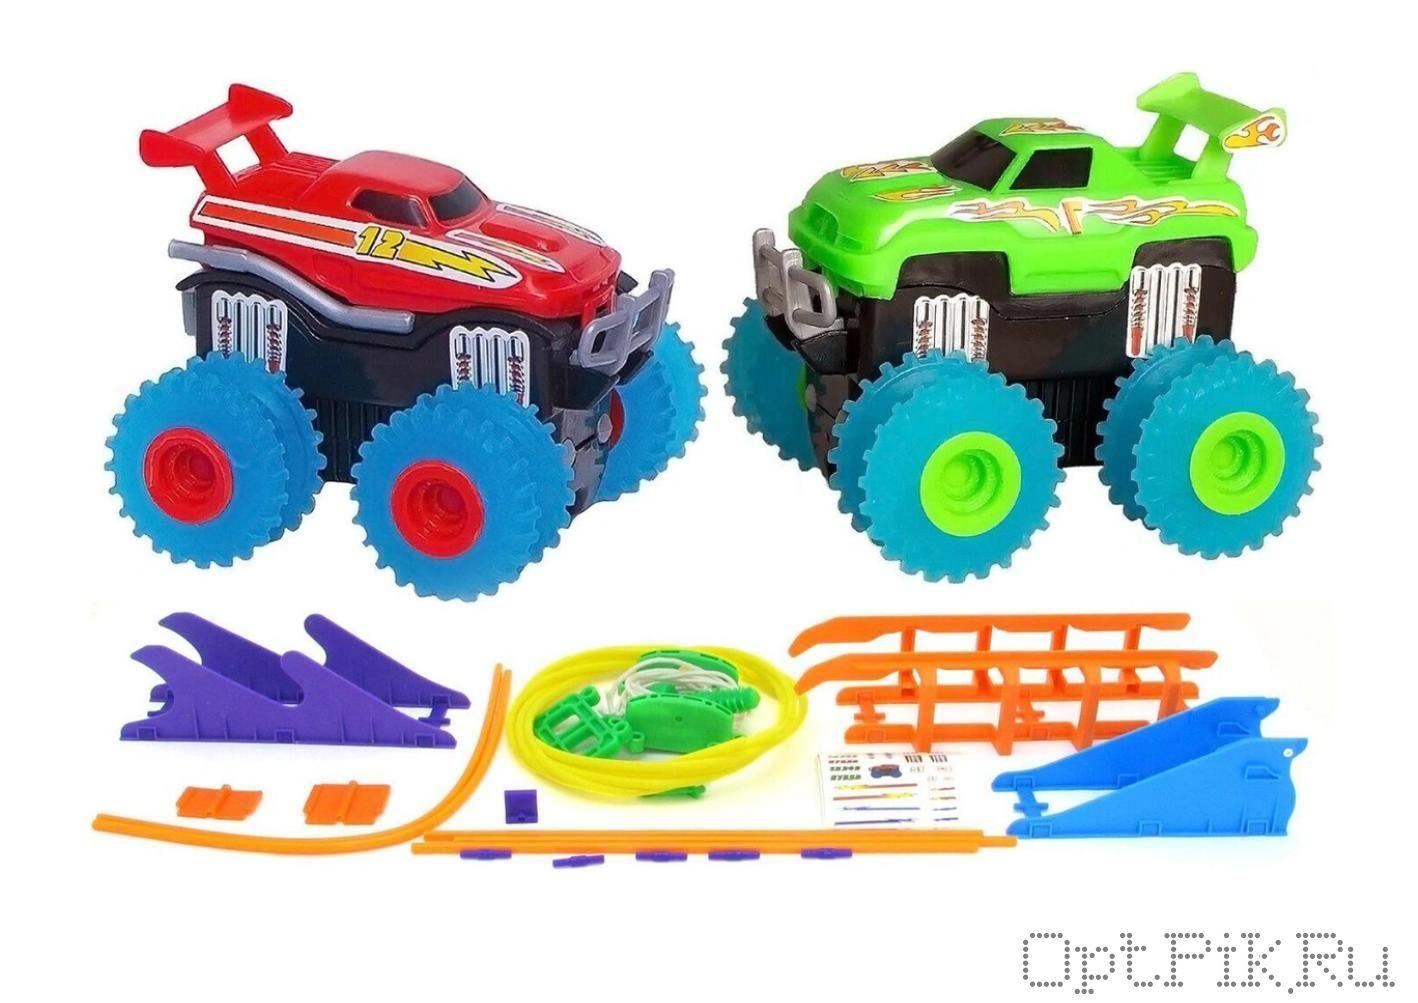 Большой трек Trix Trux Монстр-траки с двумя машинками и с препятствиями